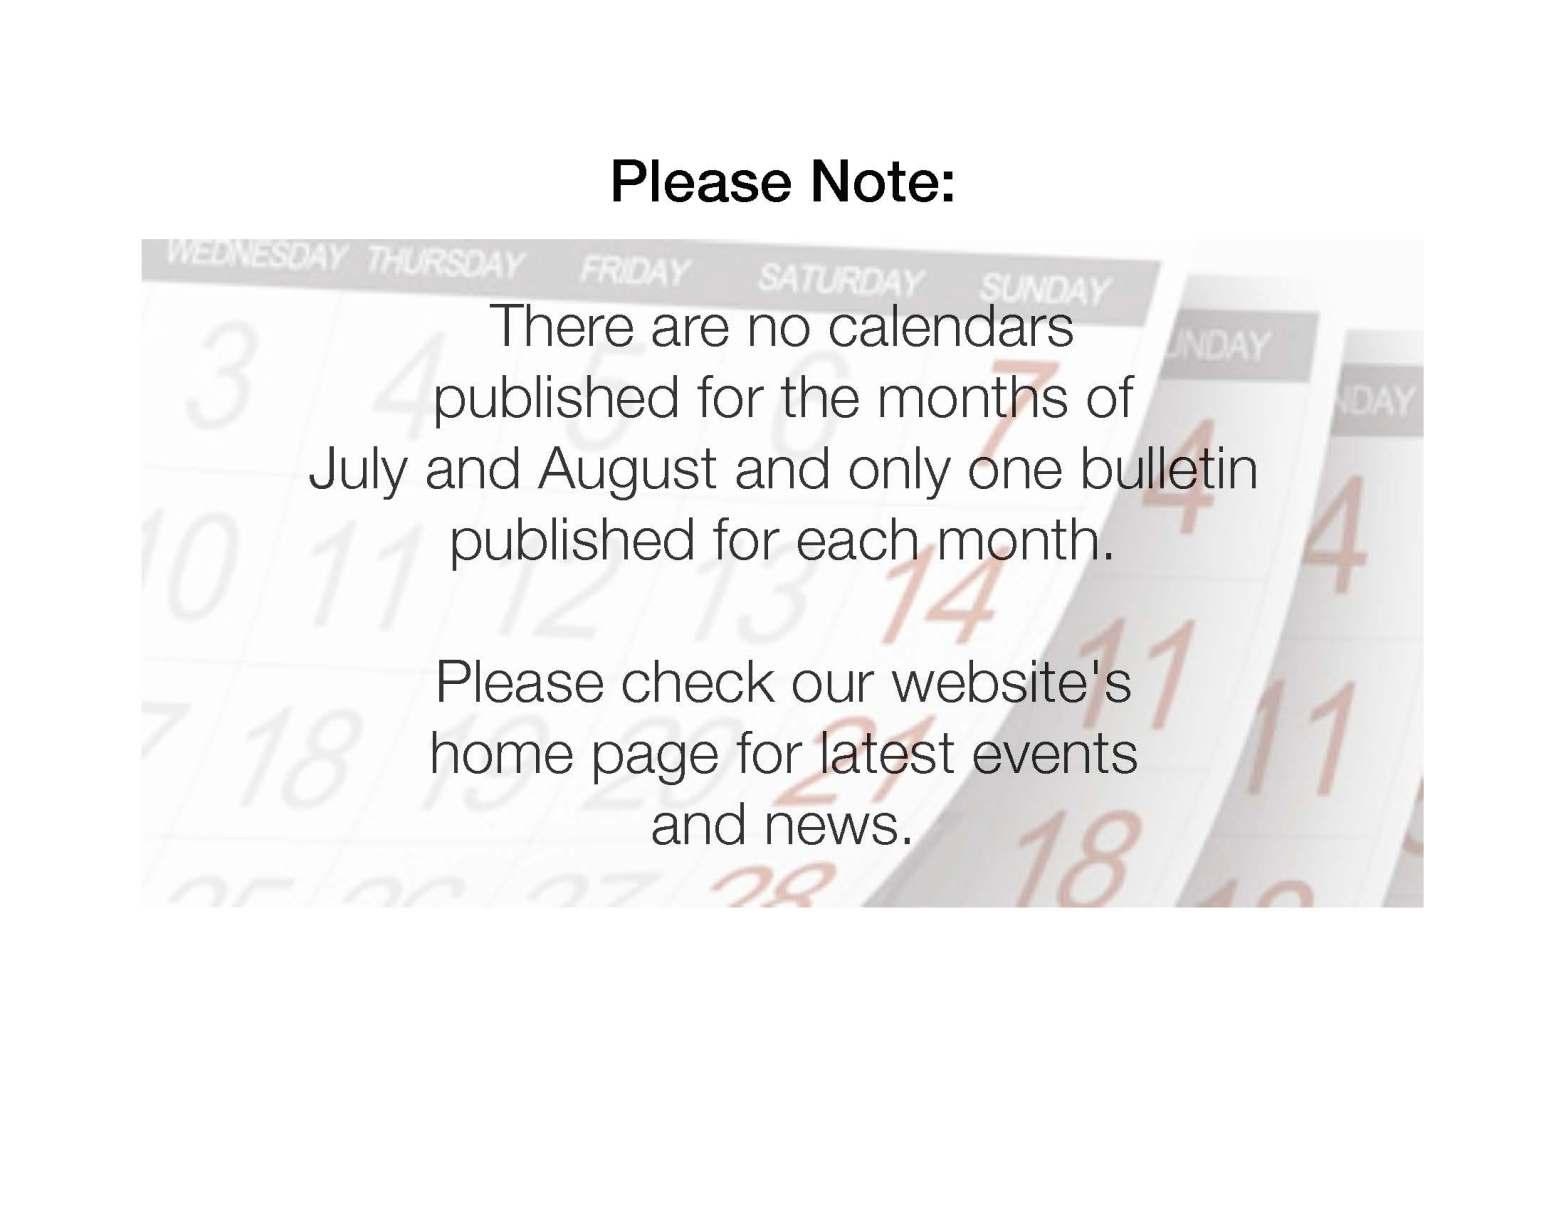 No Calendar or bulletin